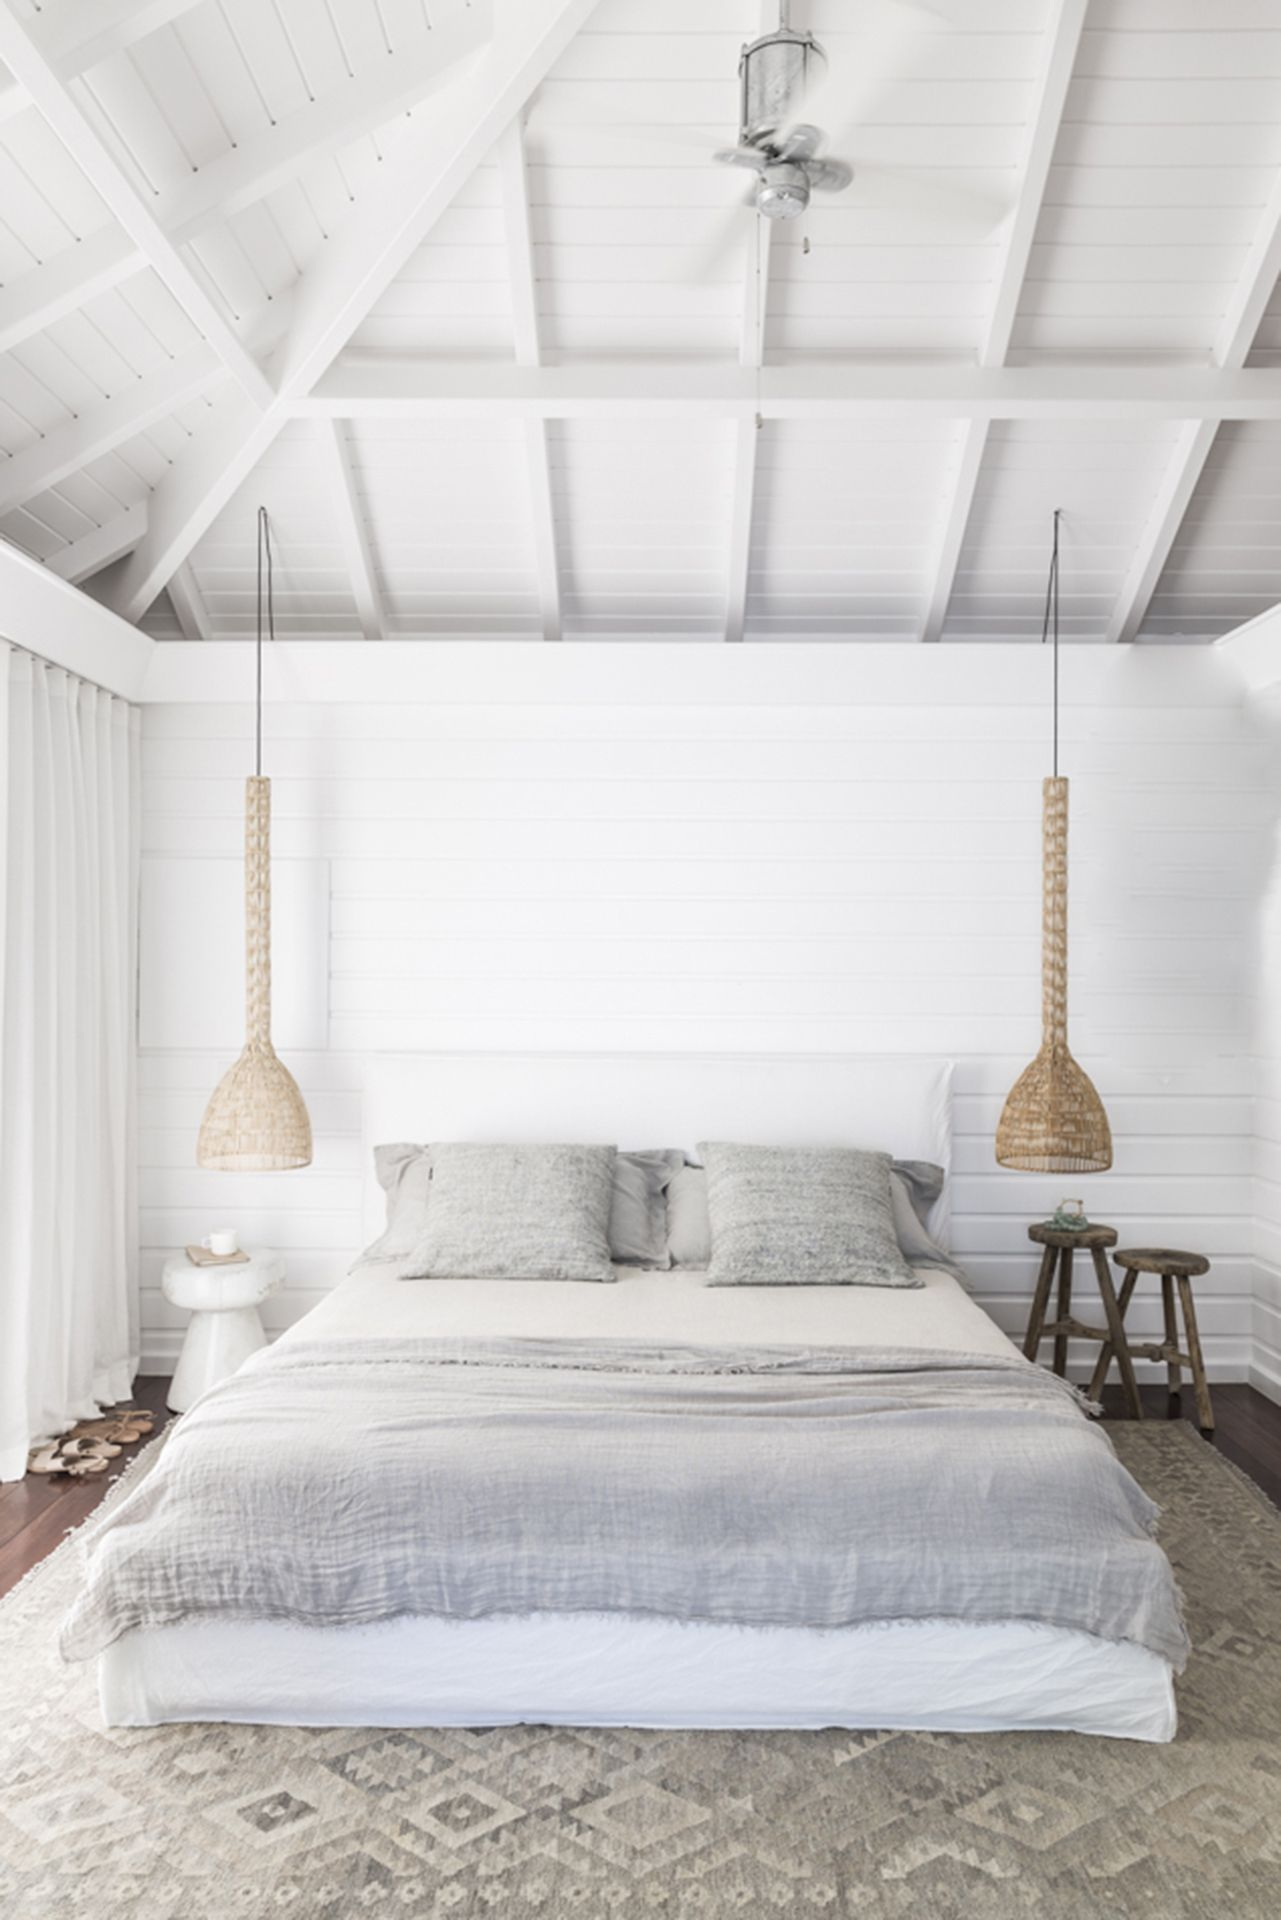 reportage une villa estivale la d coration exotique pinterest tapis berbere berb res et. Black Bedroom Furniture Sets. Home Design Ideas